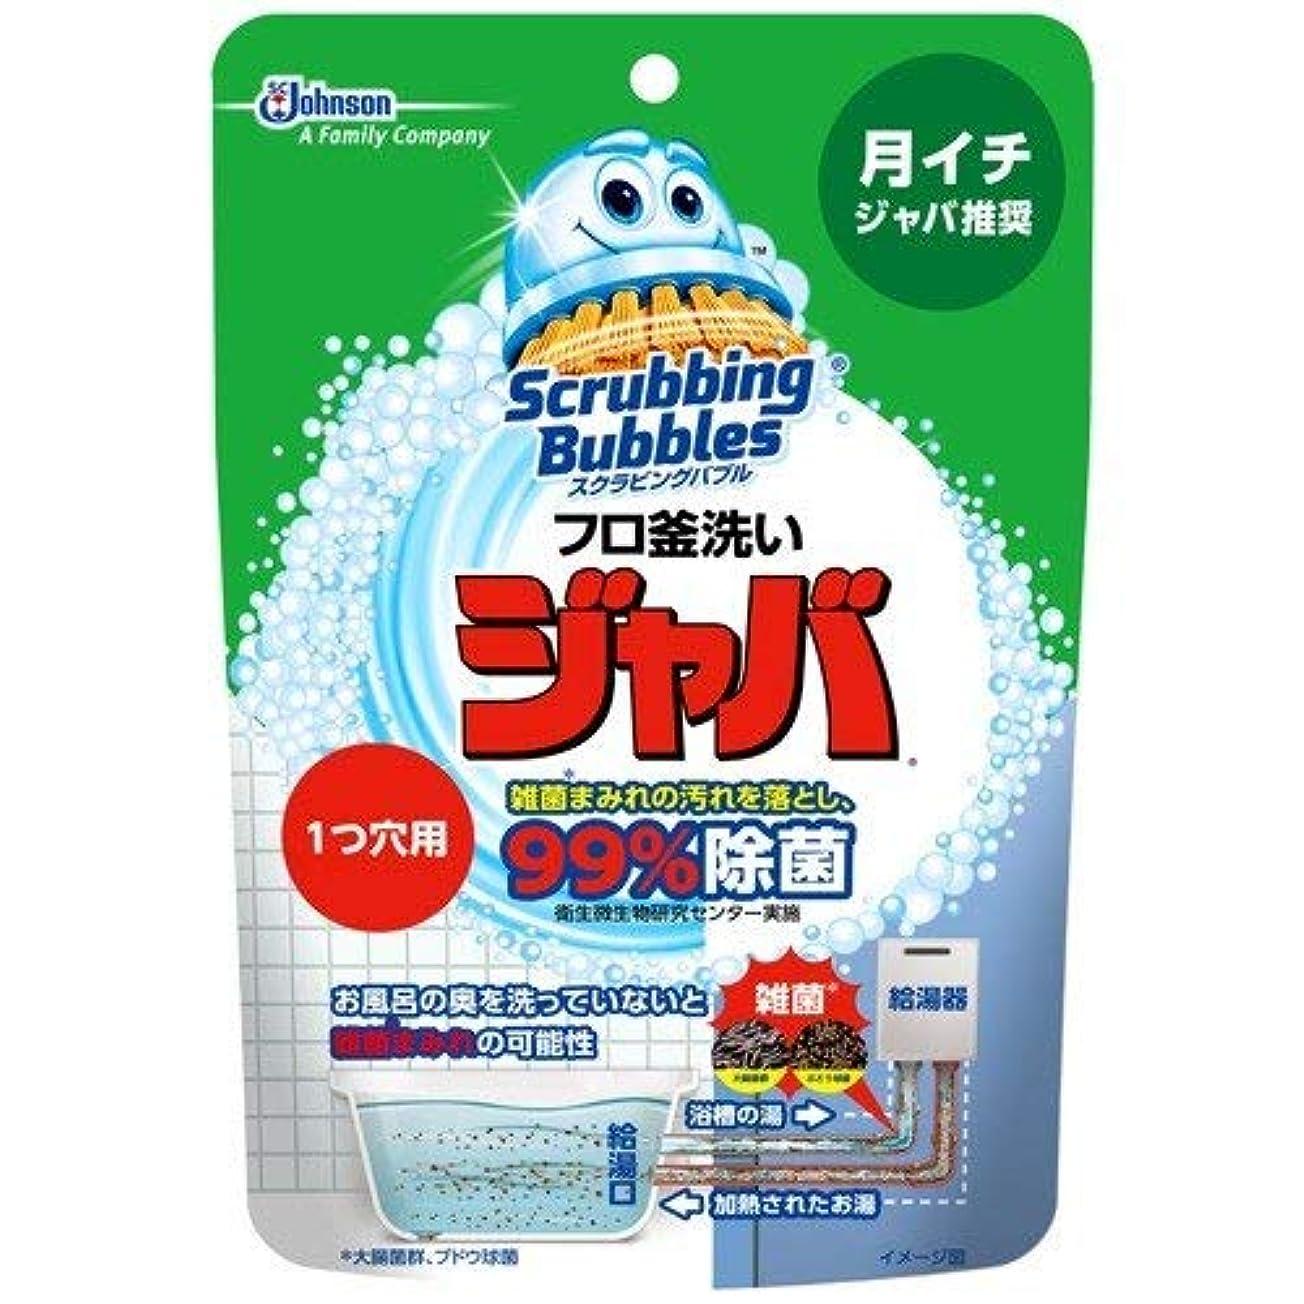 スローガン半円禁じるスクラビングバブル フロ釜洗い ジャバ 1つ穴用 160g x 5個セット